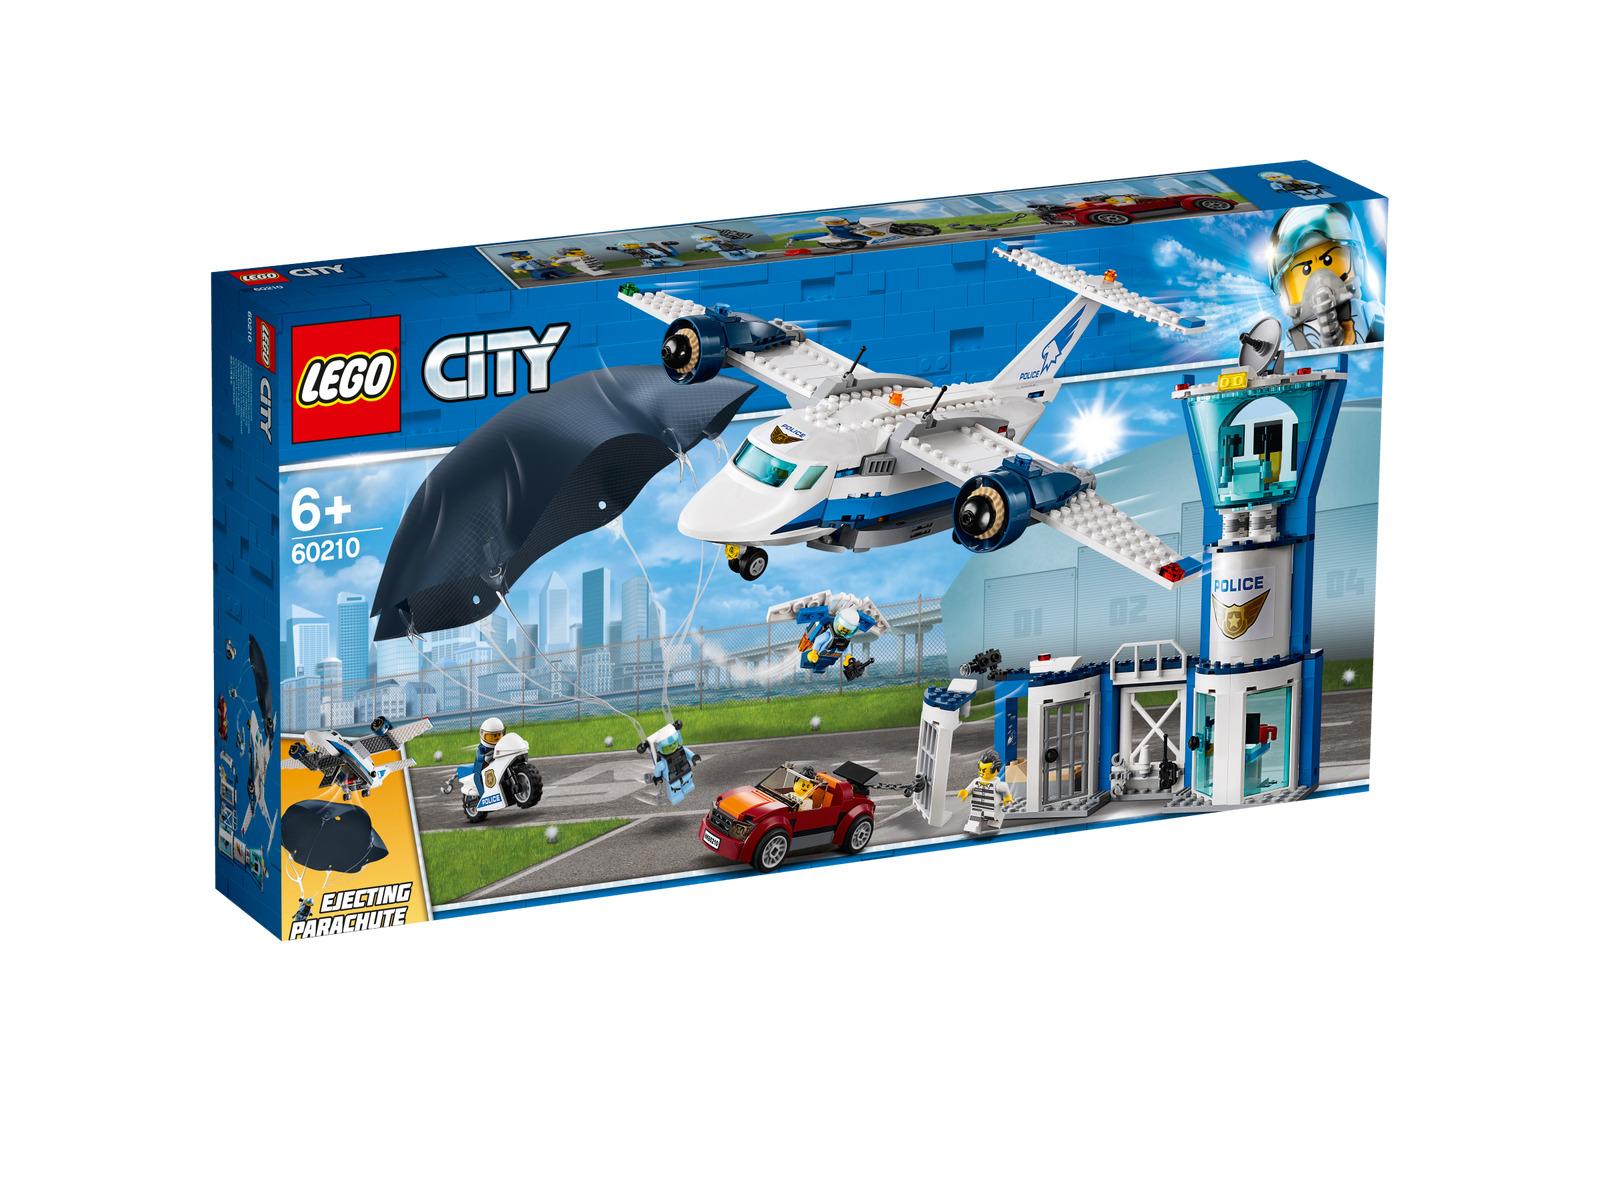 Lego City 60210  police Aviateur Base Nouveau neuf dans sa boîte  en bonne santé